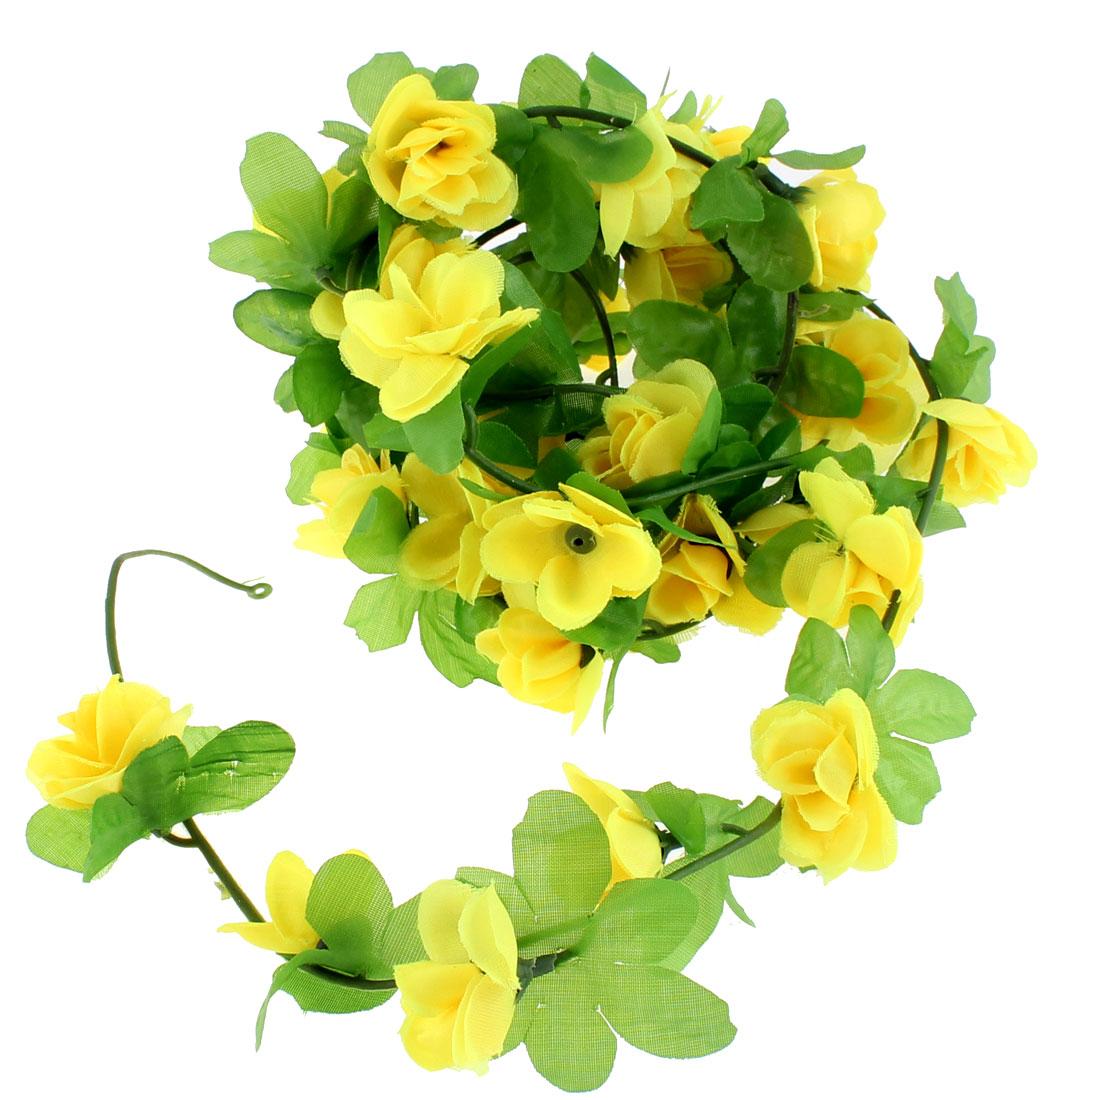 Artificial Fake Yellow Rose Flower Ivy Vine Hanging Garland Wedding Decor